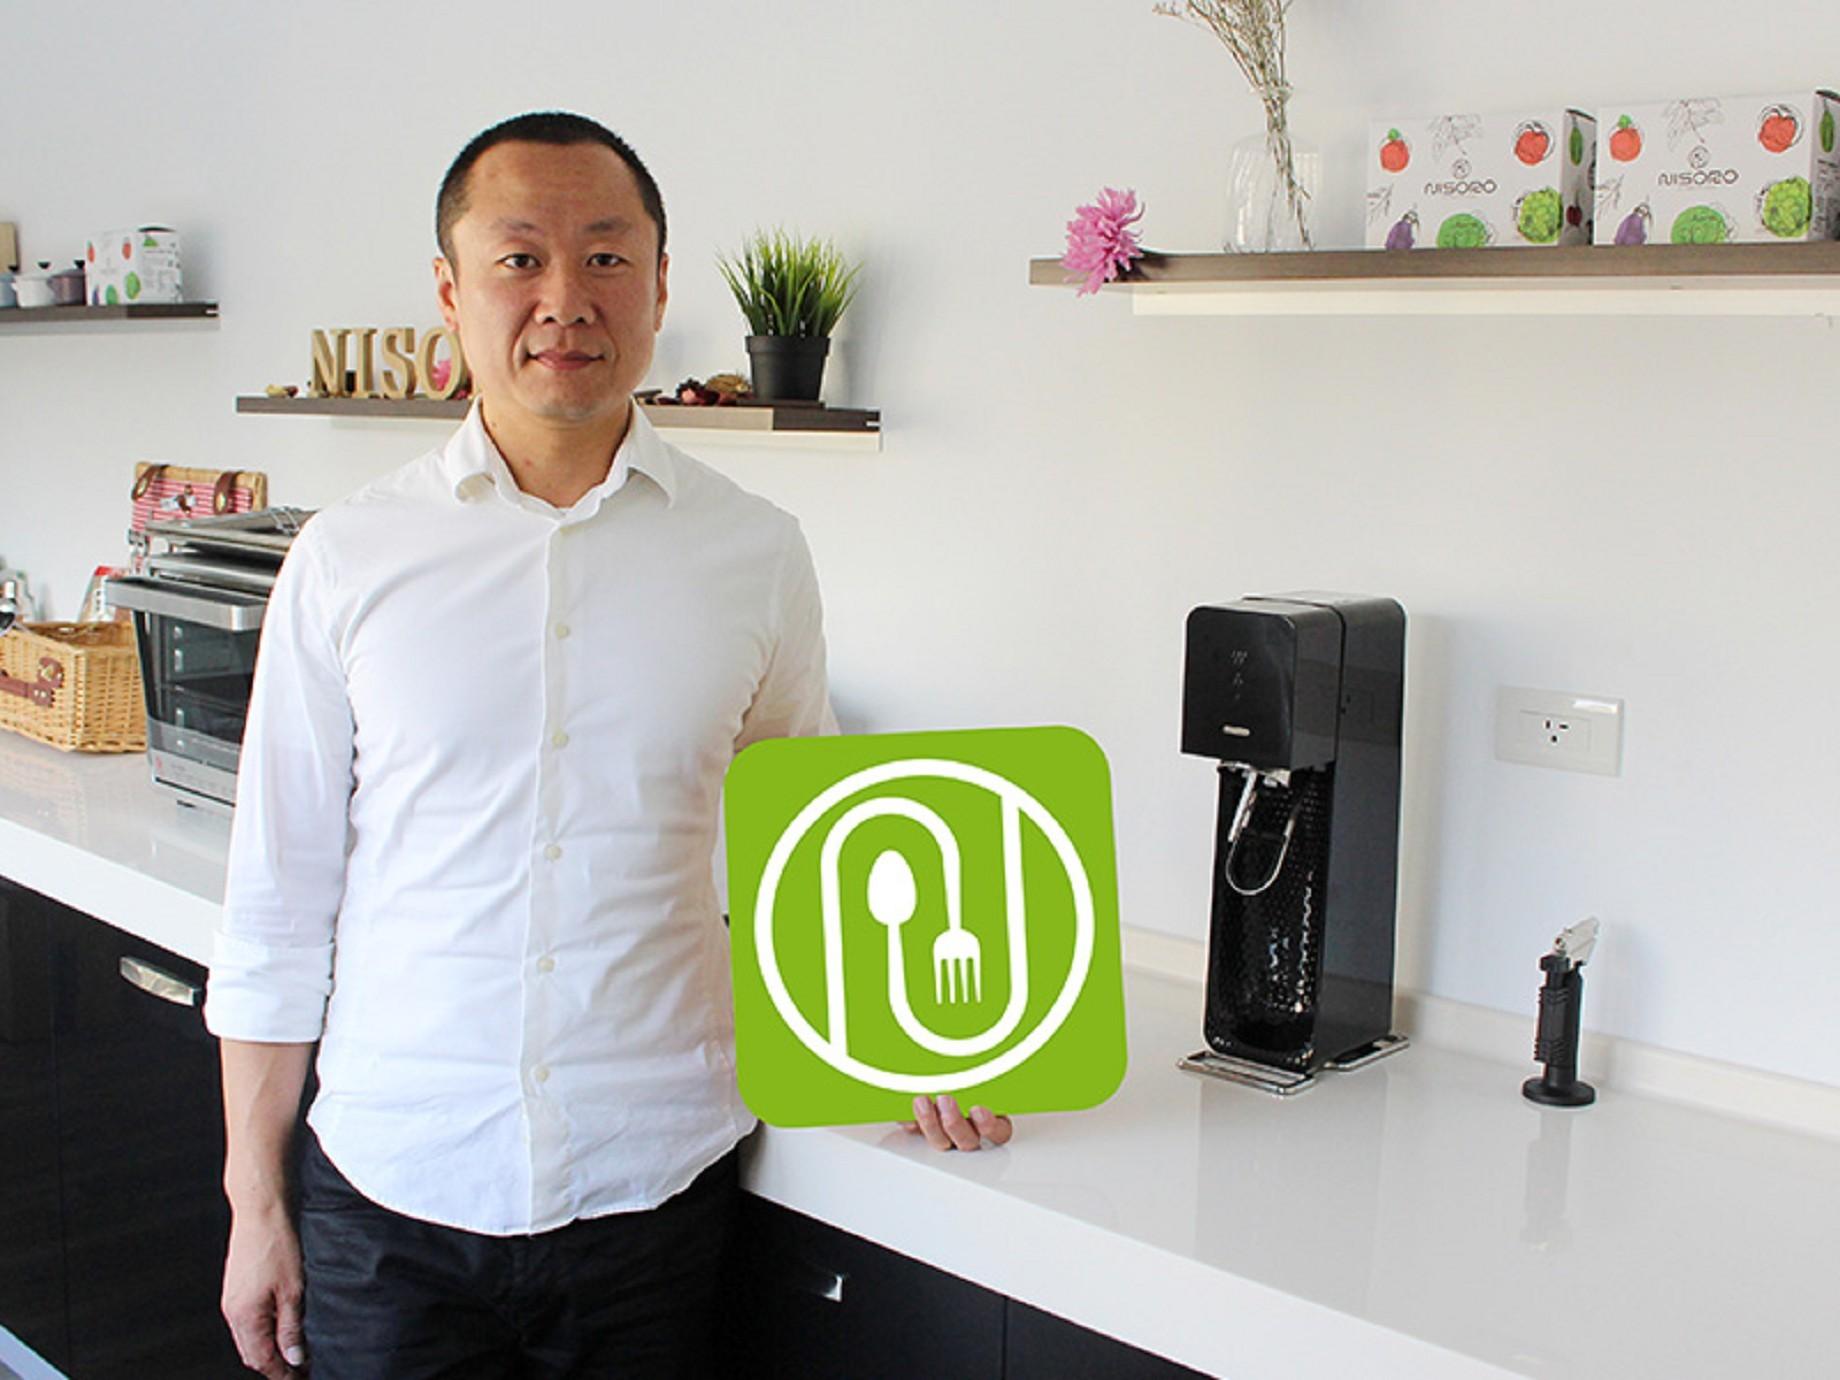 健康餐Nisoro泥瘦了: 用品質創造口碑的新電商態度